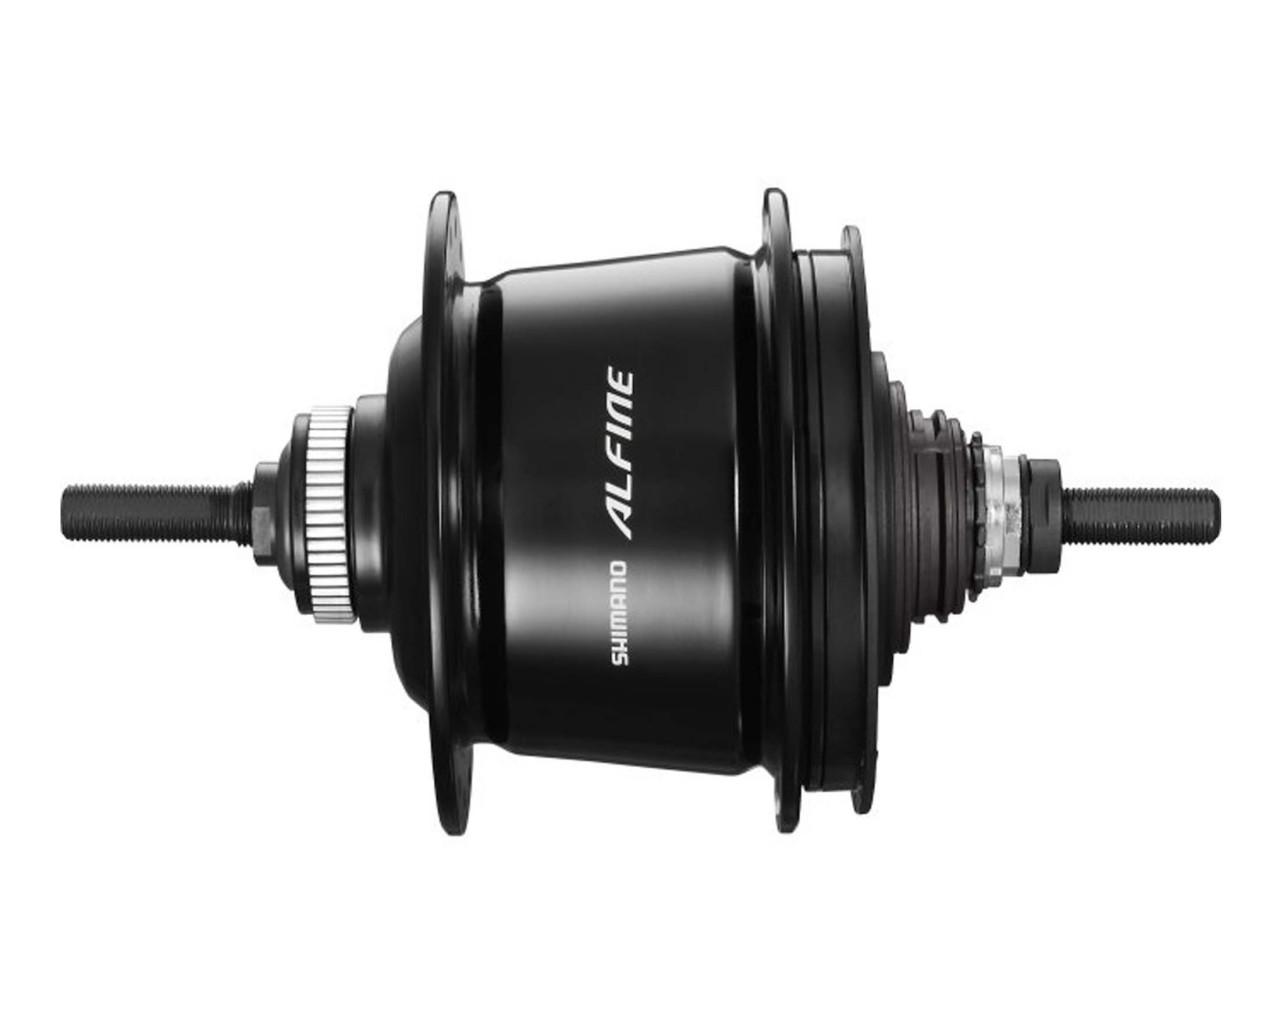 Shimano Gear hub ALFINE 8-speed S7000-8 for disc brake | black